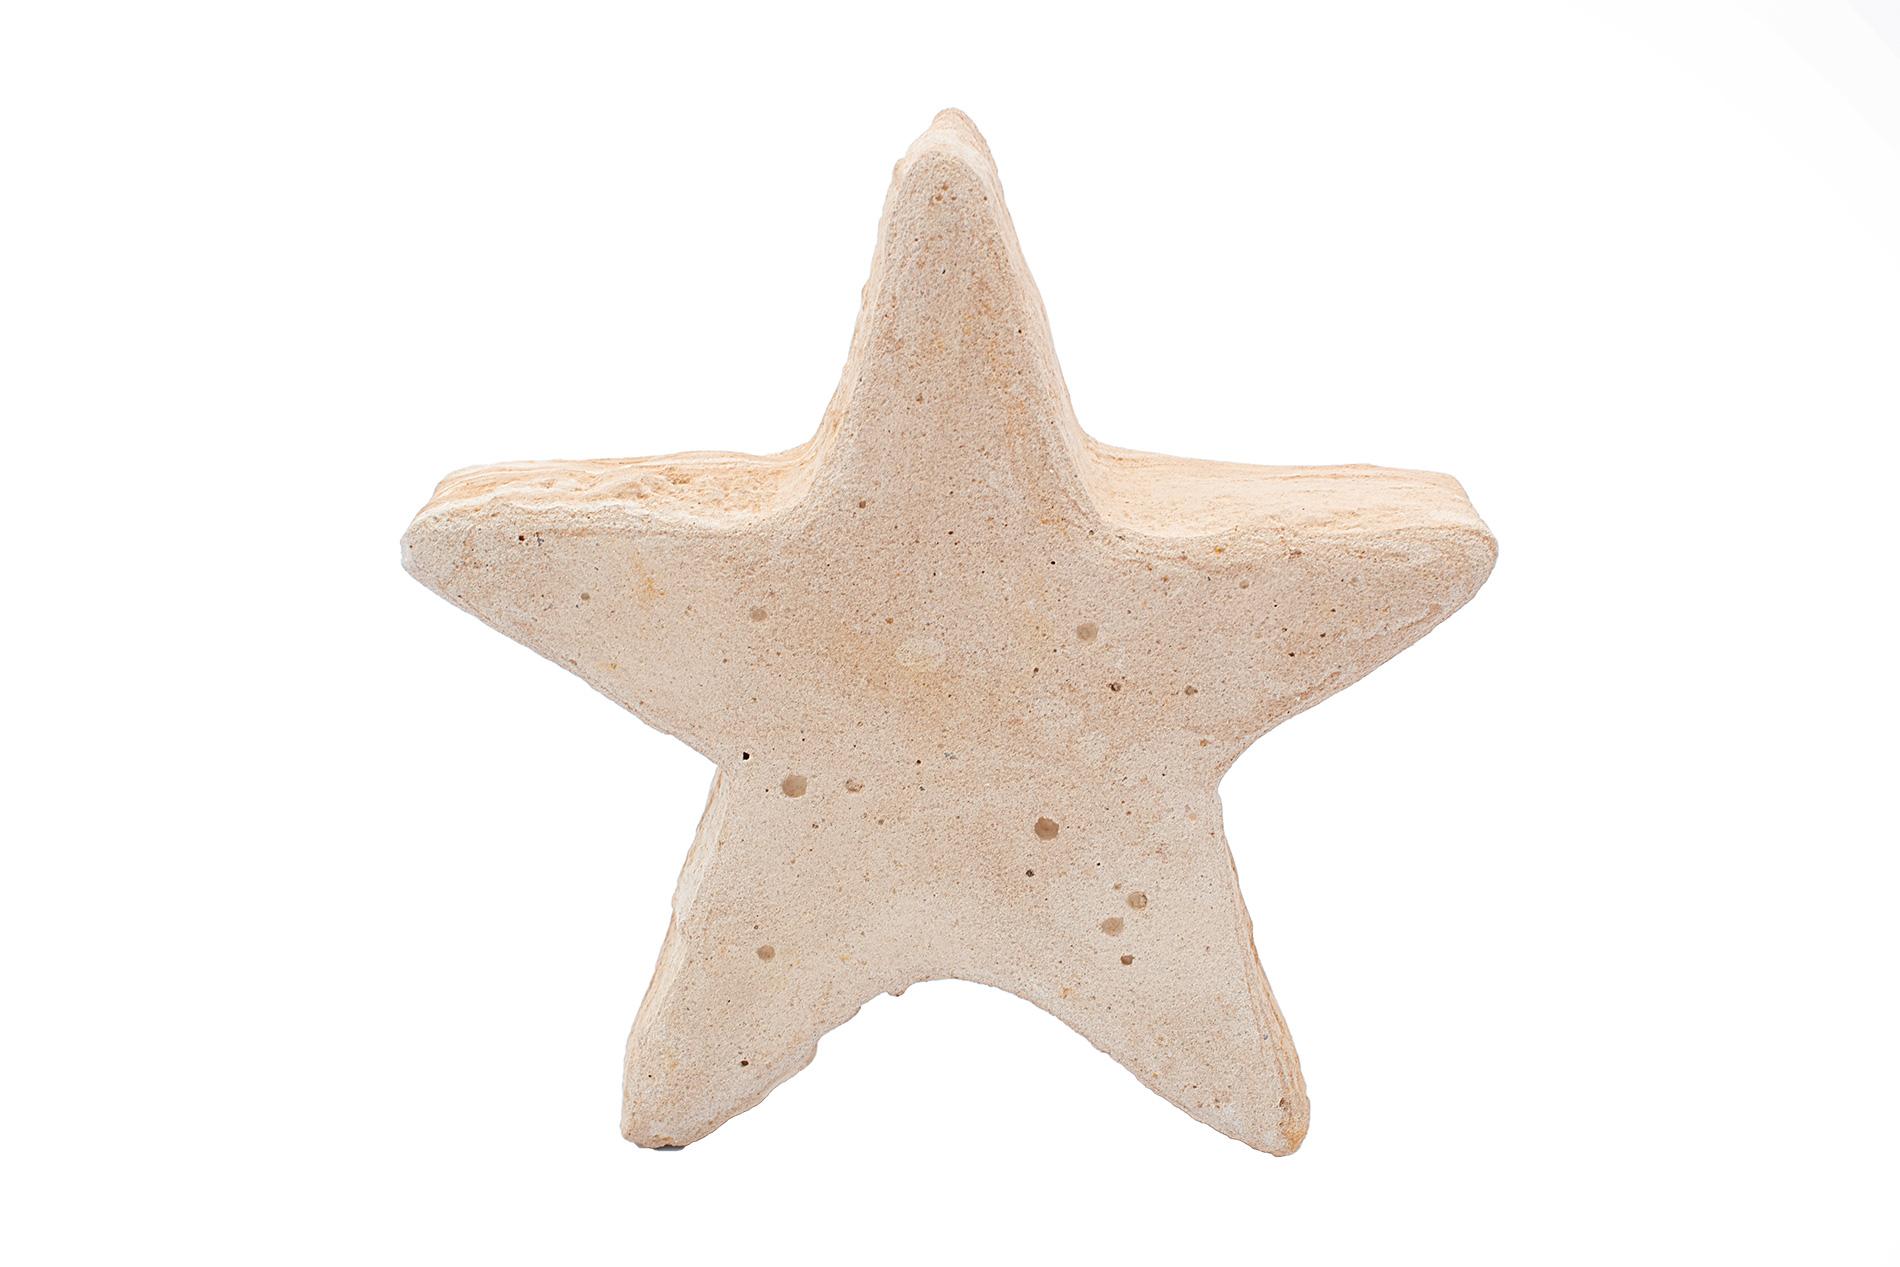 Stern Sandsteinguss, klein, mit Bohrung, 19 x 19 x 6 cm